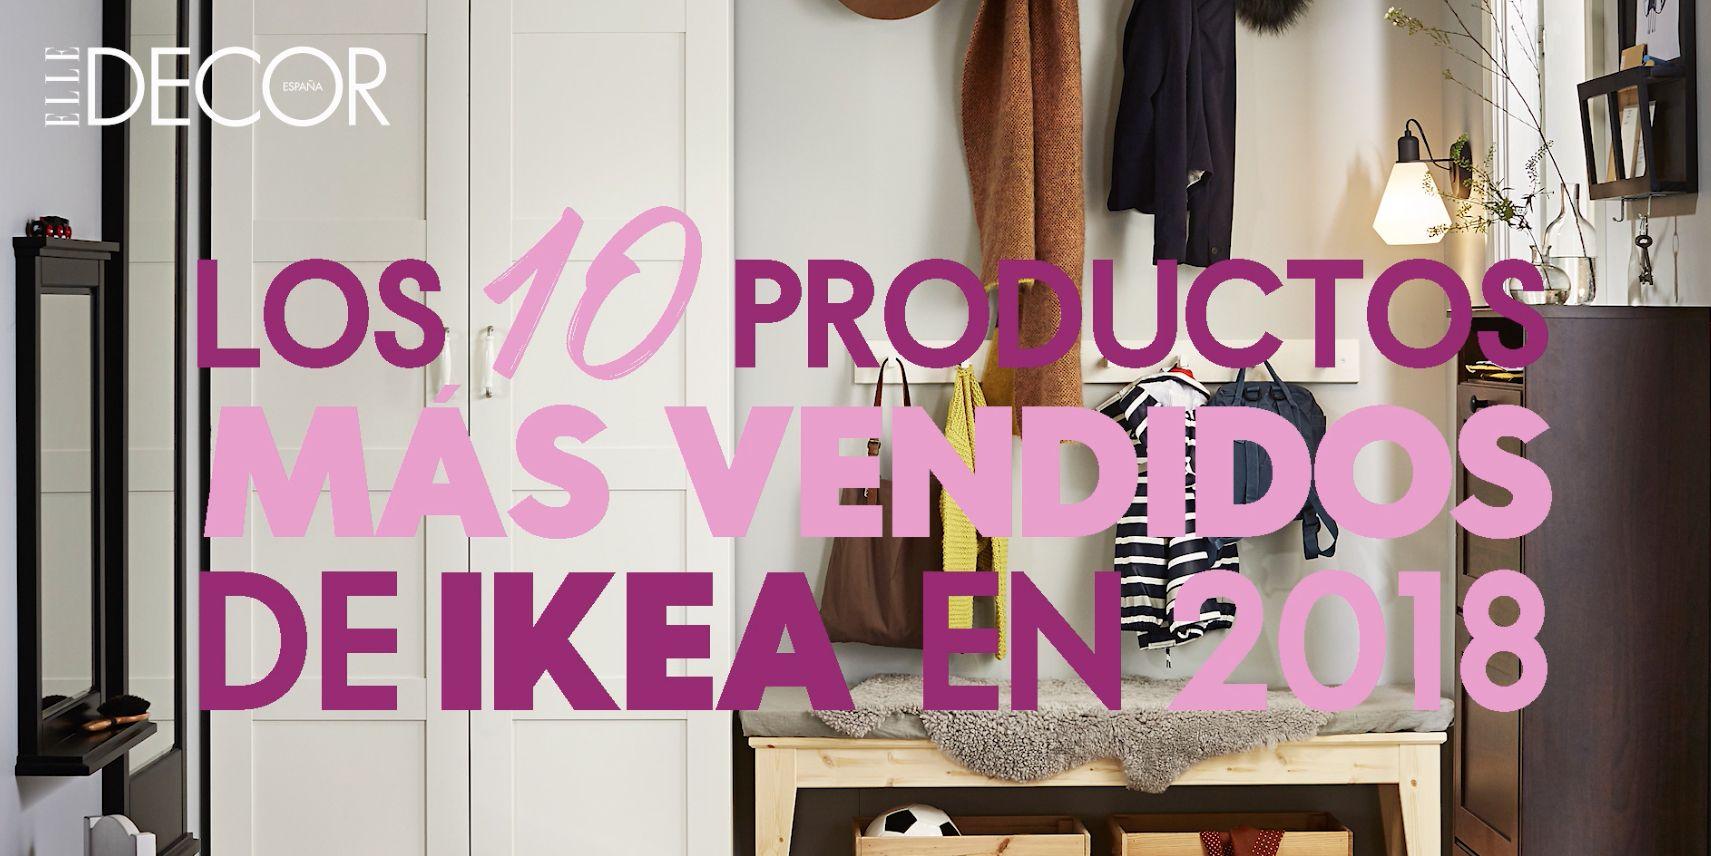 Los 10 productos mas vendidos en Ikea España en 2018